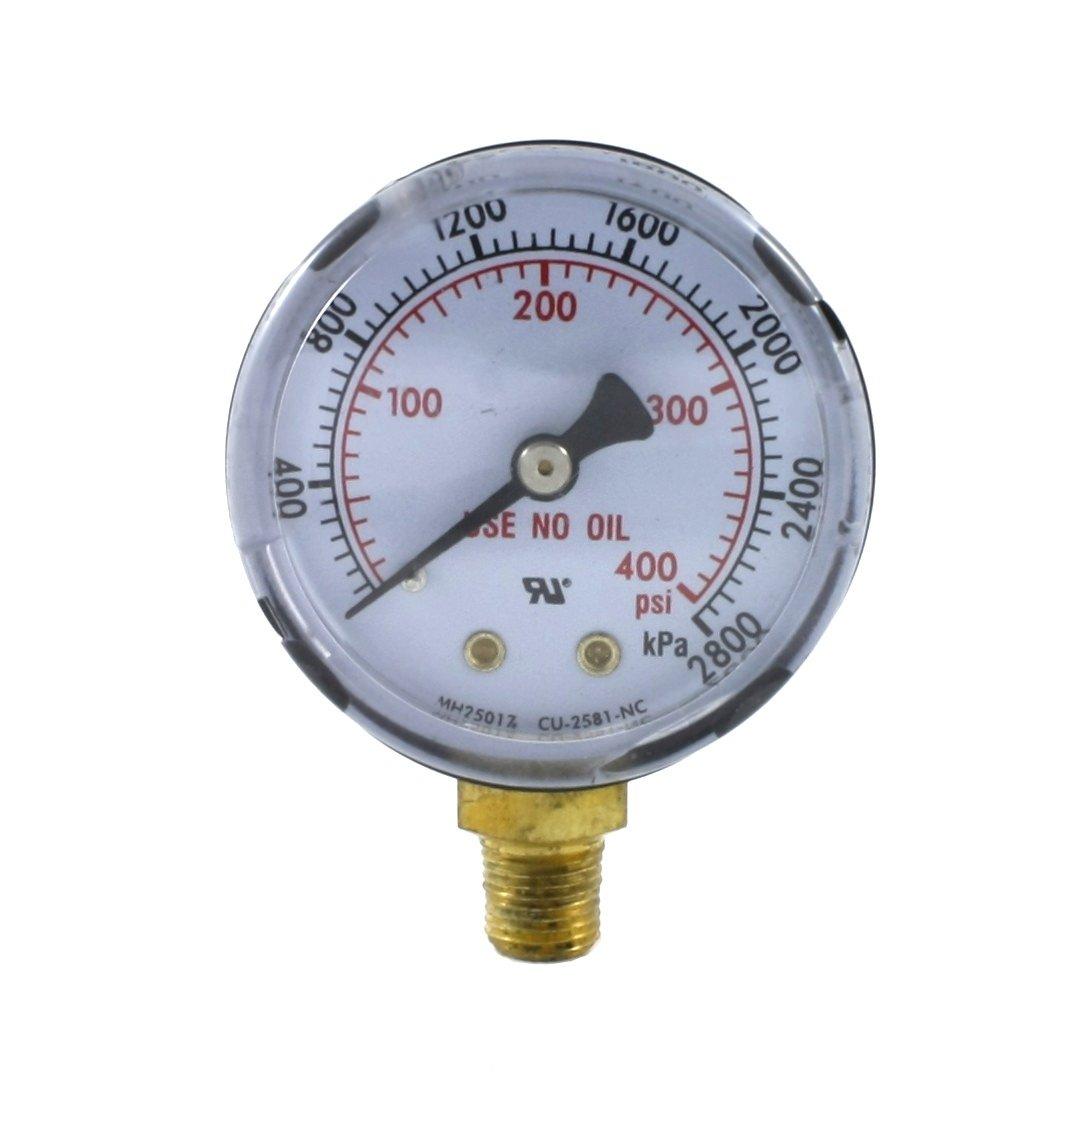 2 inches for LDP Regulators High Pressure Gauge for Acetylene Regulator 0-400 psi